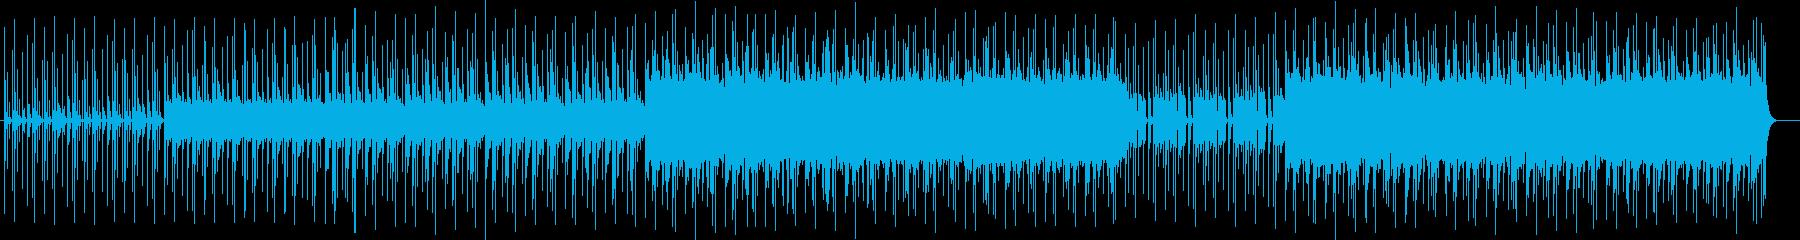 シリアスなシンセサイザーなどのサウンドの再生済みの波形